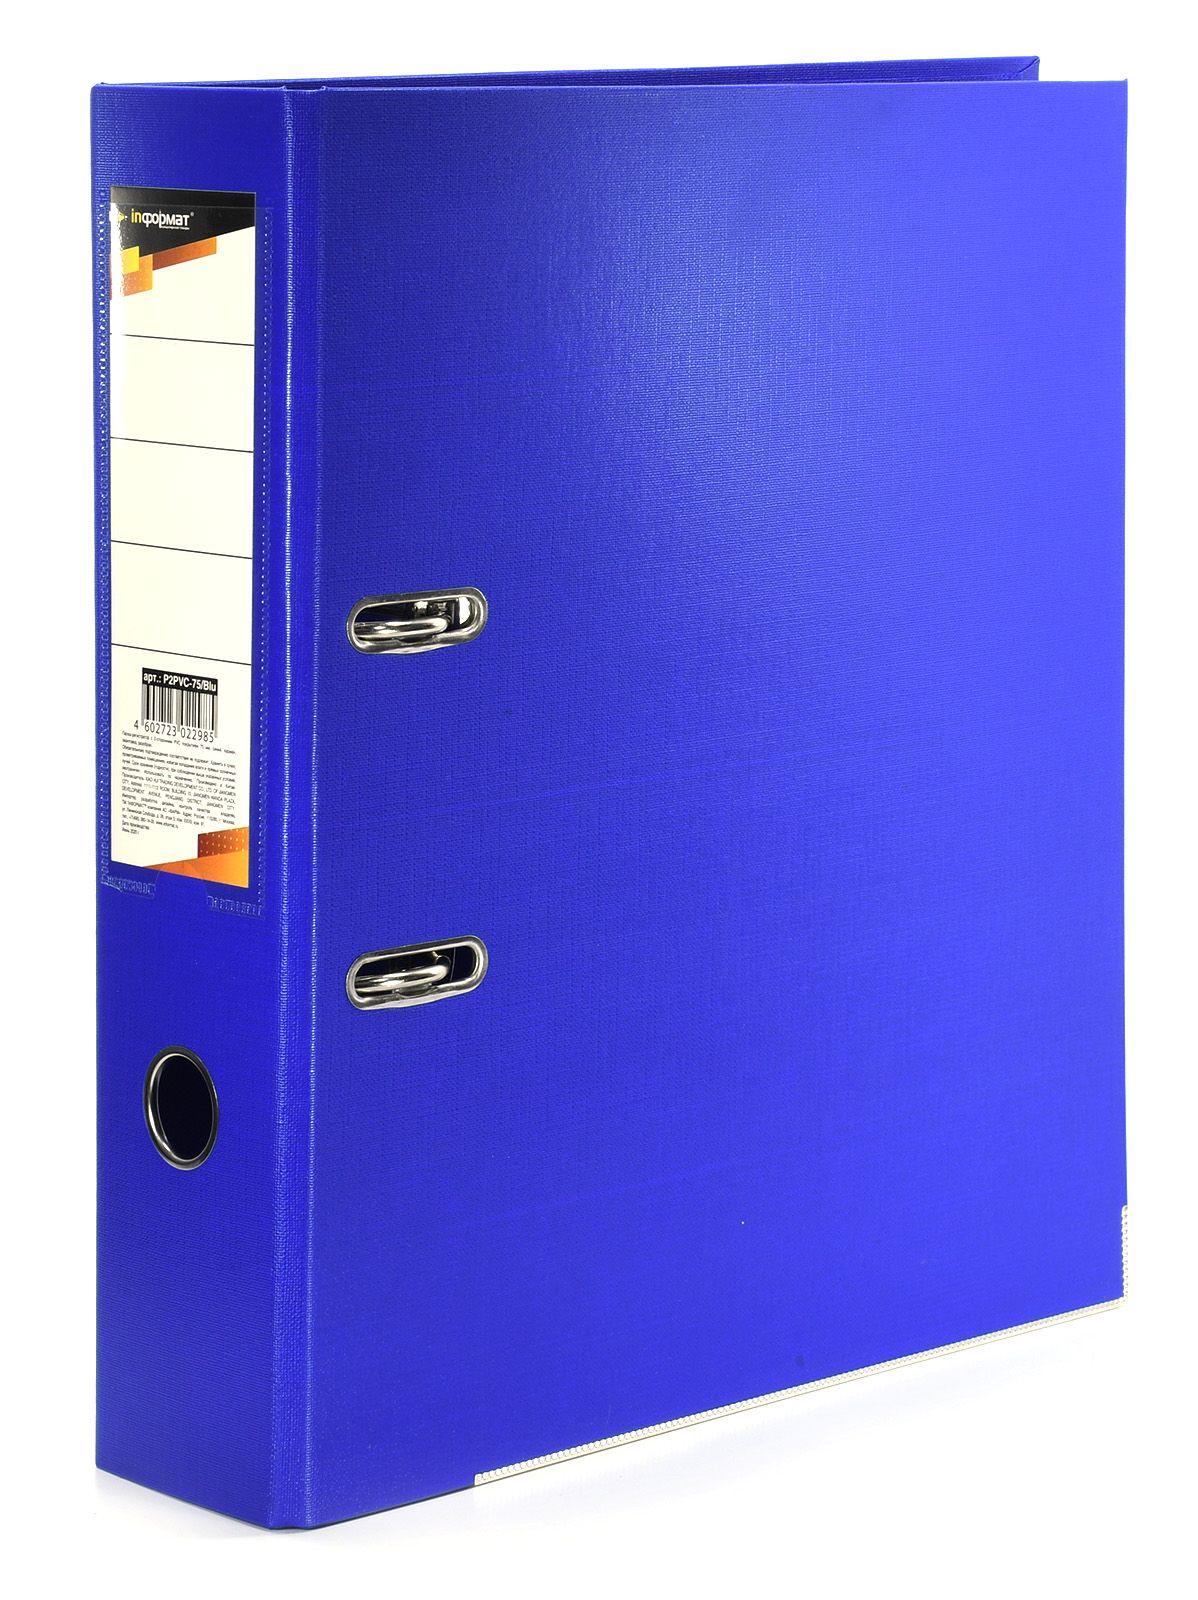 Папка-регистратор INFORMAT 75 мм двухстороннее покрытие PVC, синяя